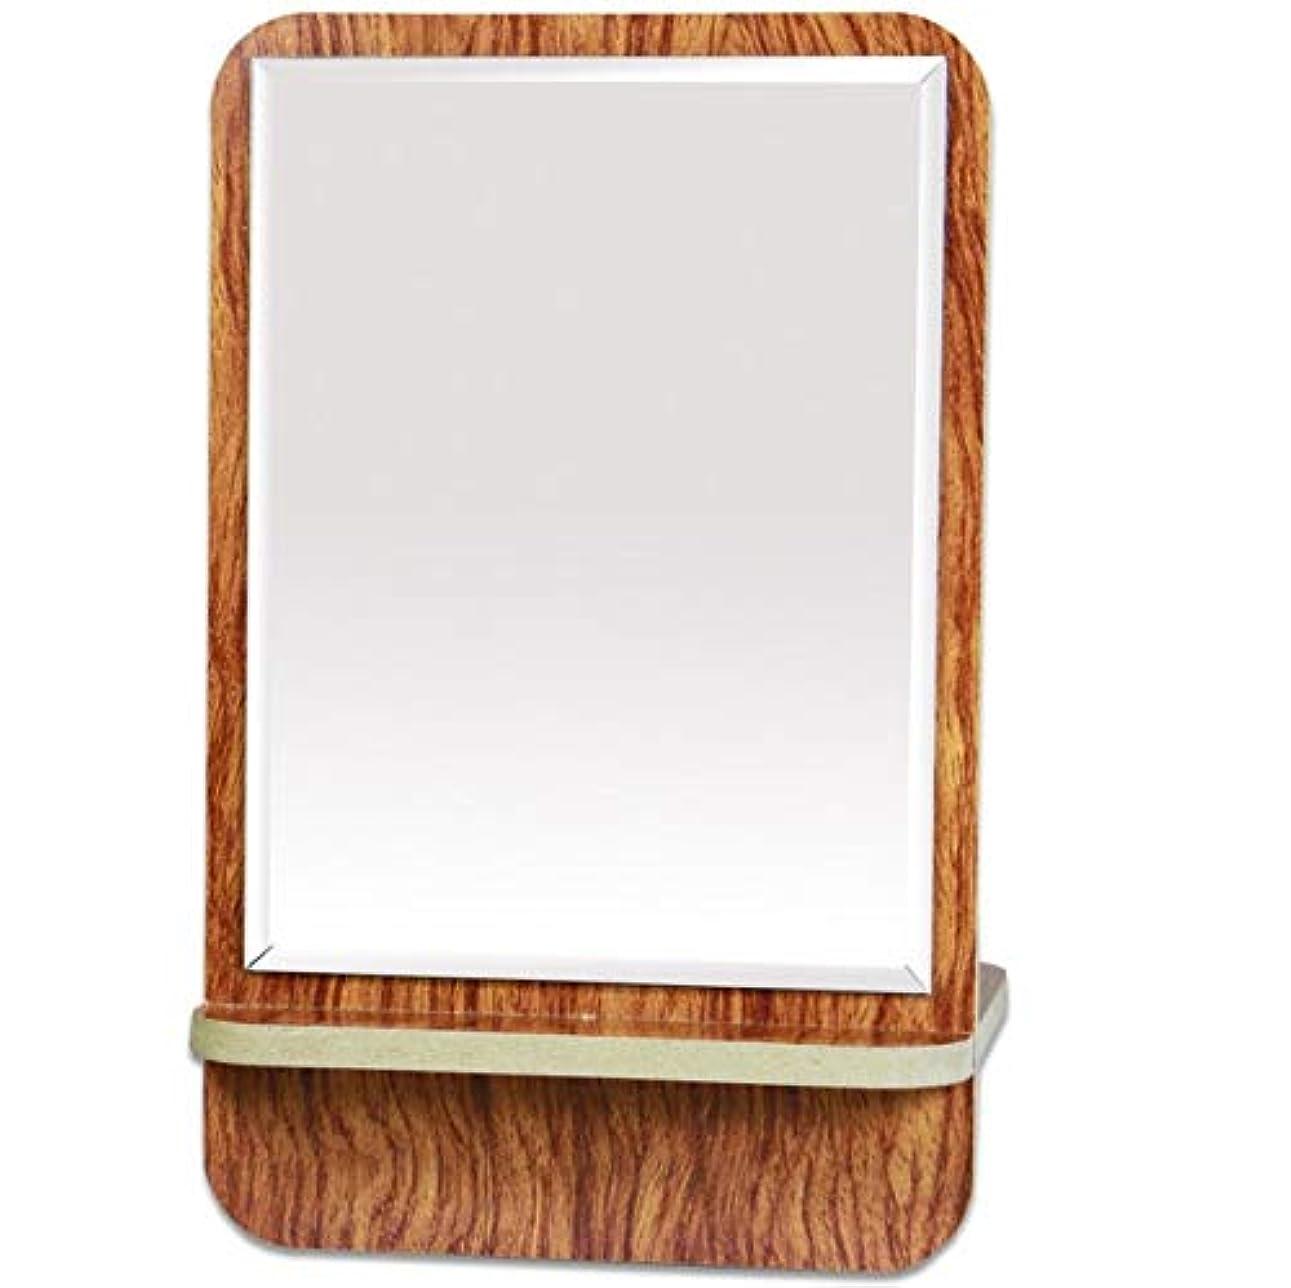 藤色反対にとても多くの化粧鏡、木製の鏡、デスクトップ化粧鏡、化粧ギフト